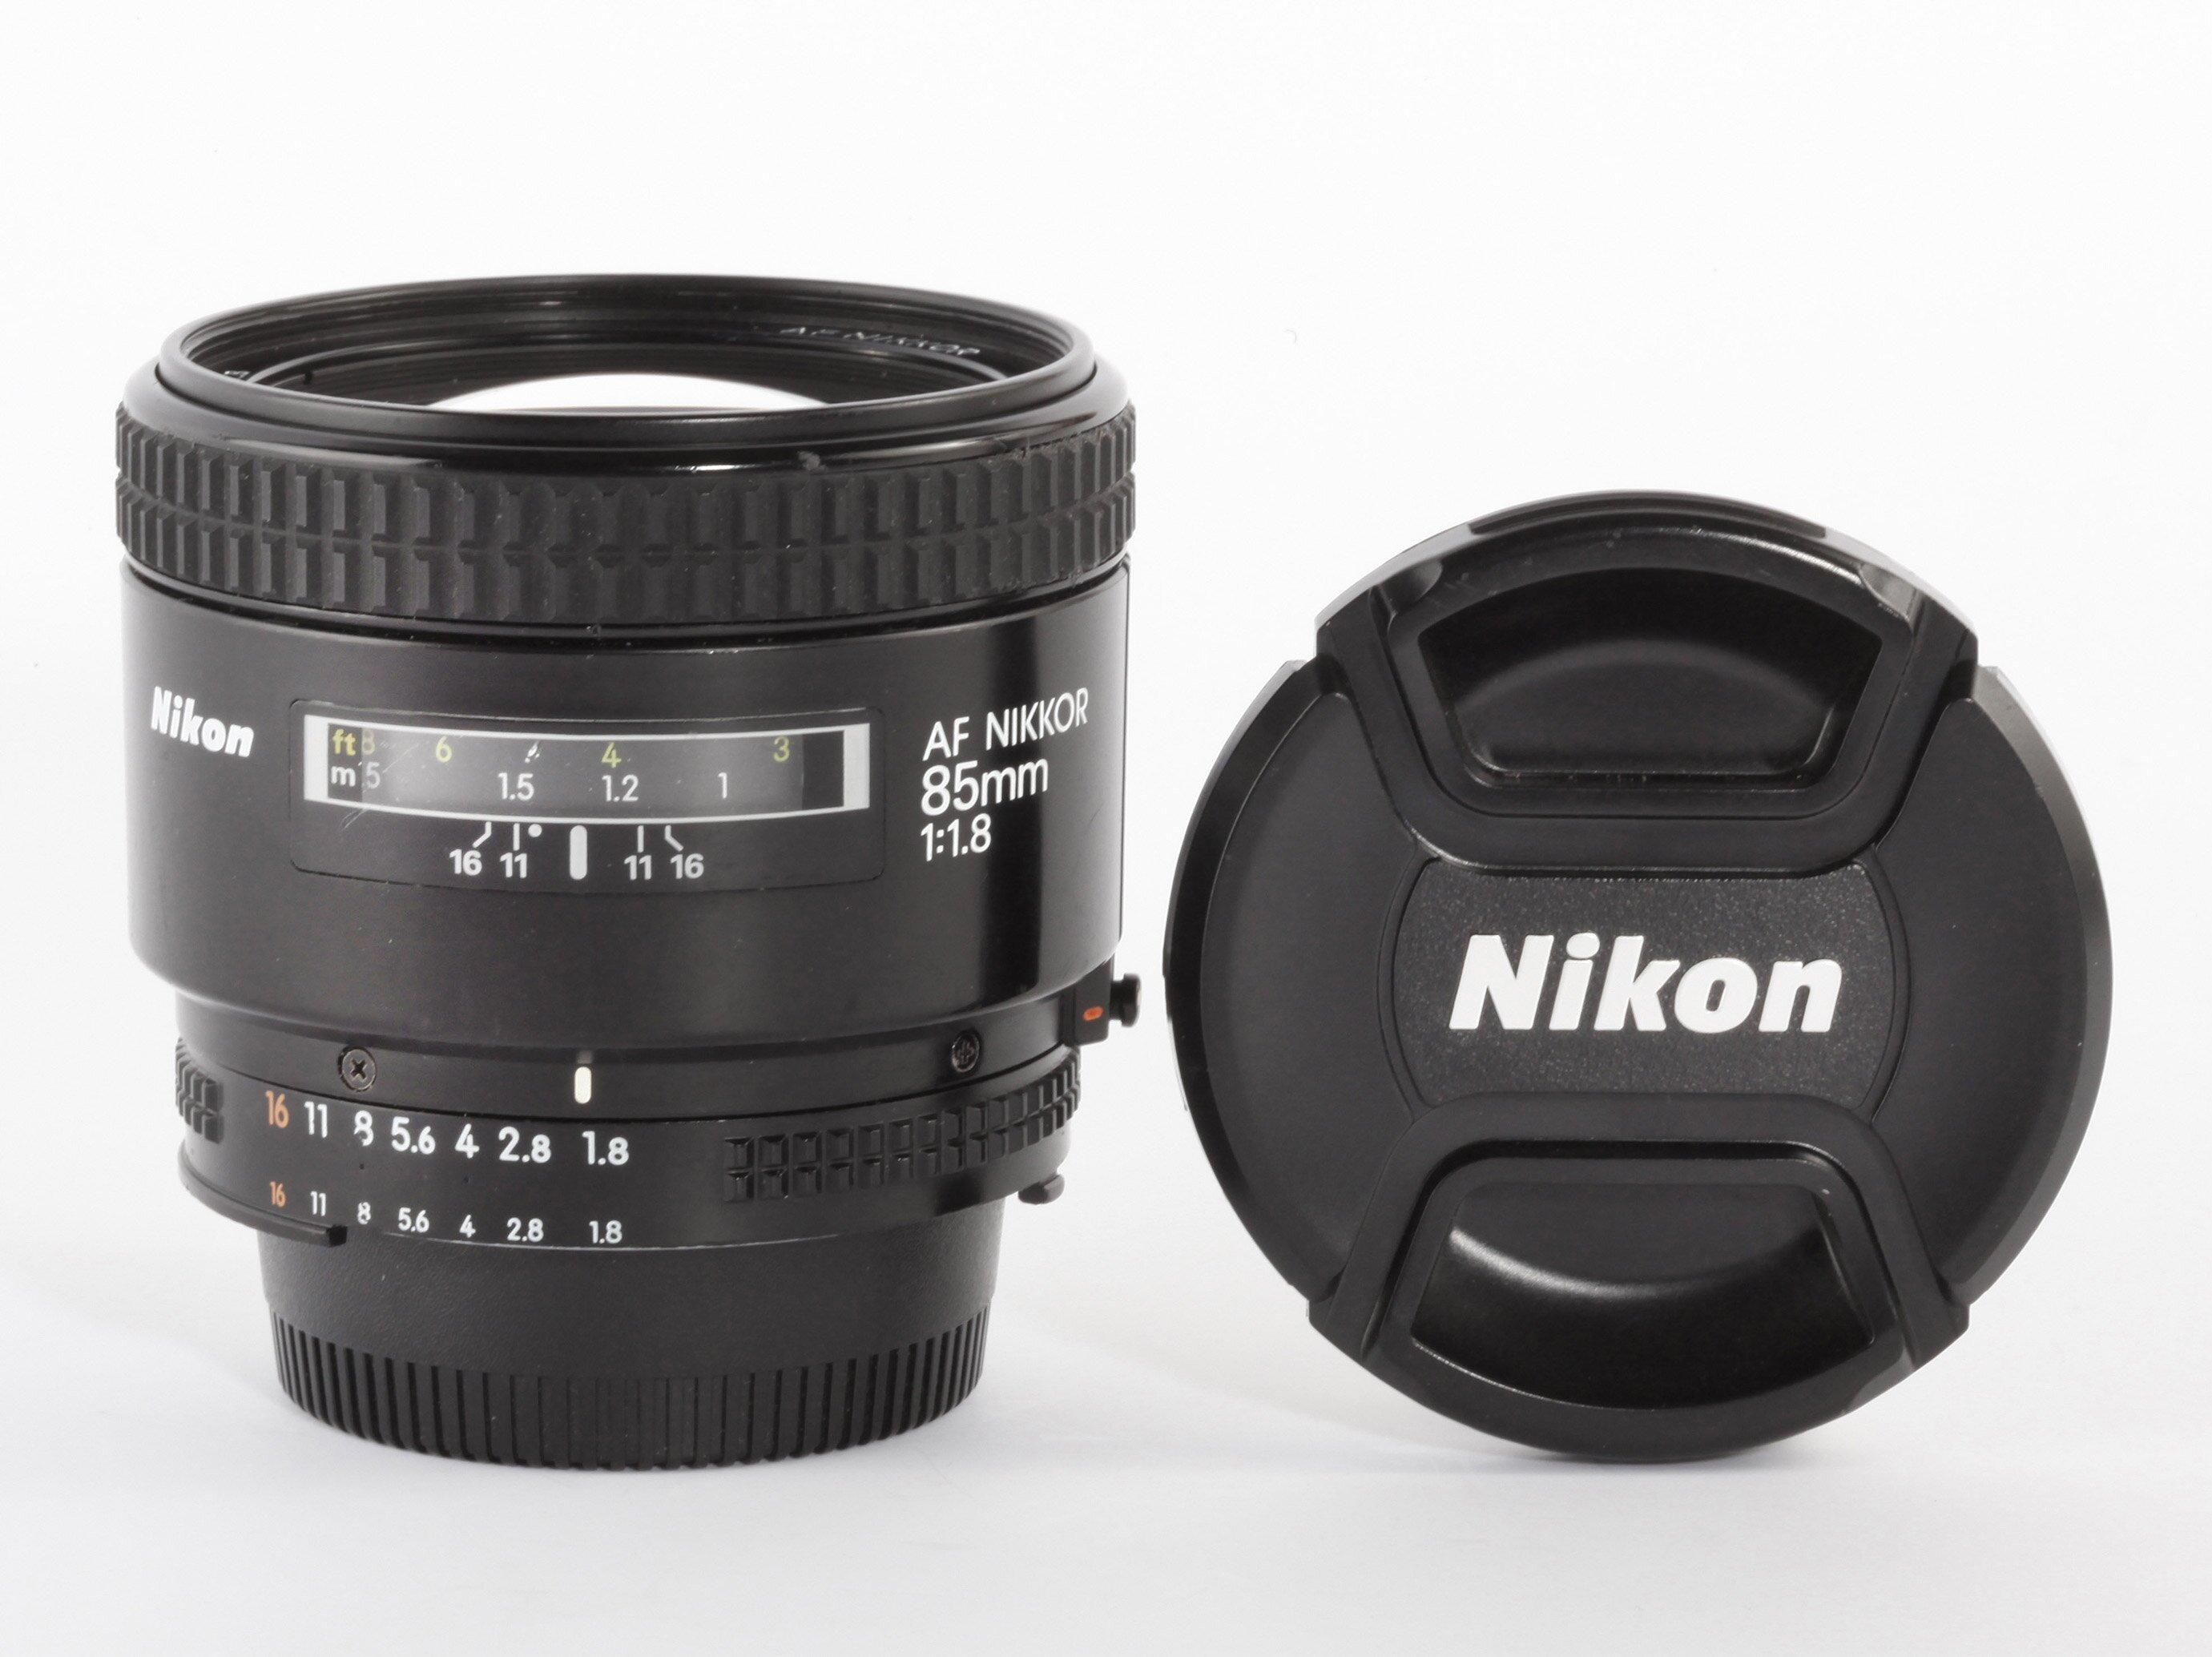 Nikon AF 85mm 1,8 Nikkor